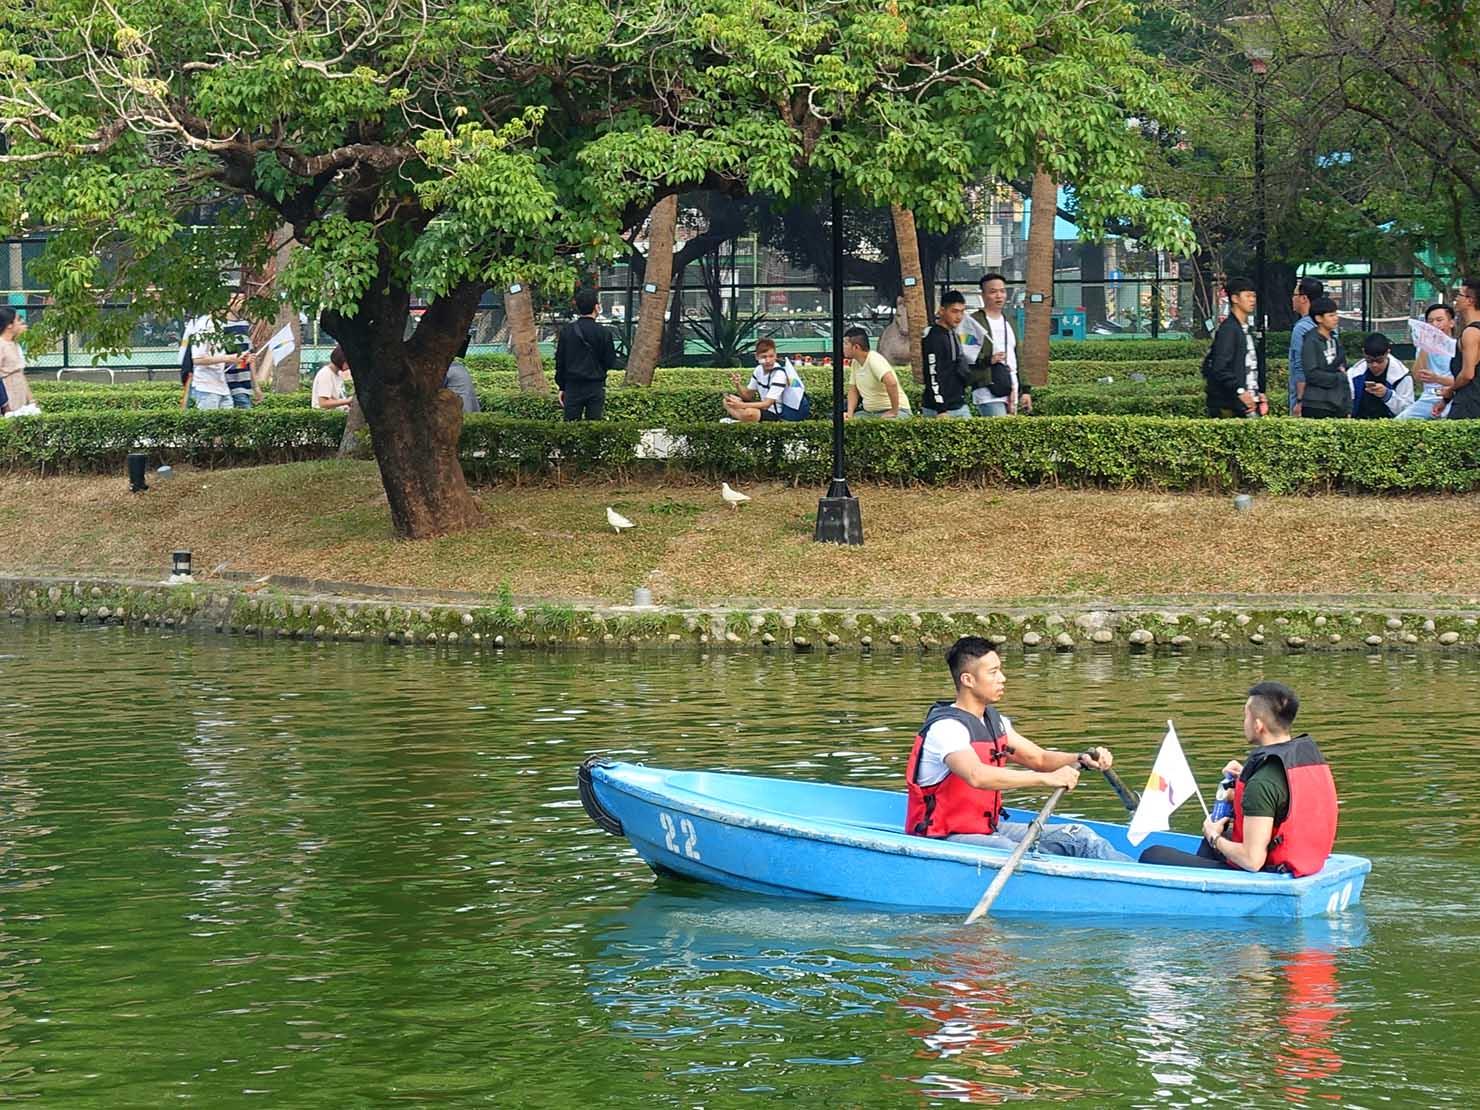 台中同志遊行(台中LGBTプライド)2018の会場・台中公園でボートをこぐカップル